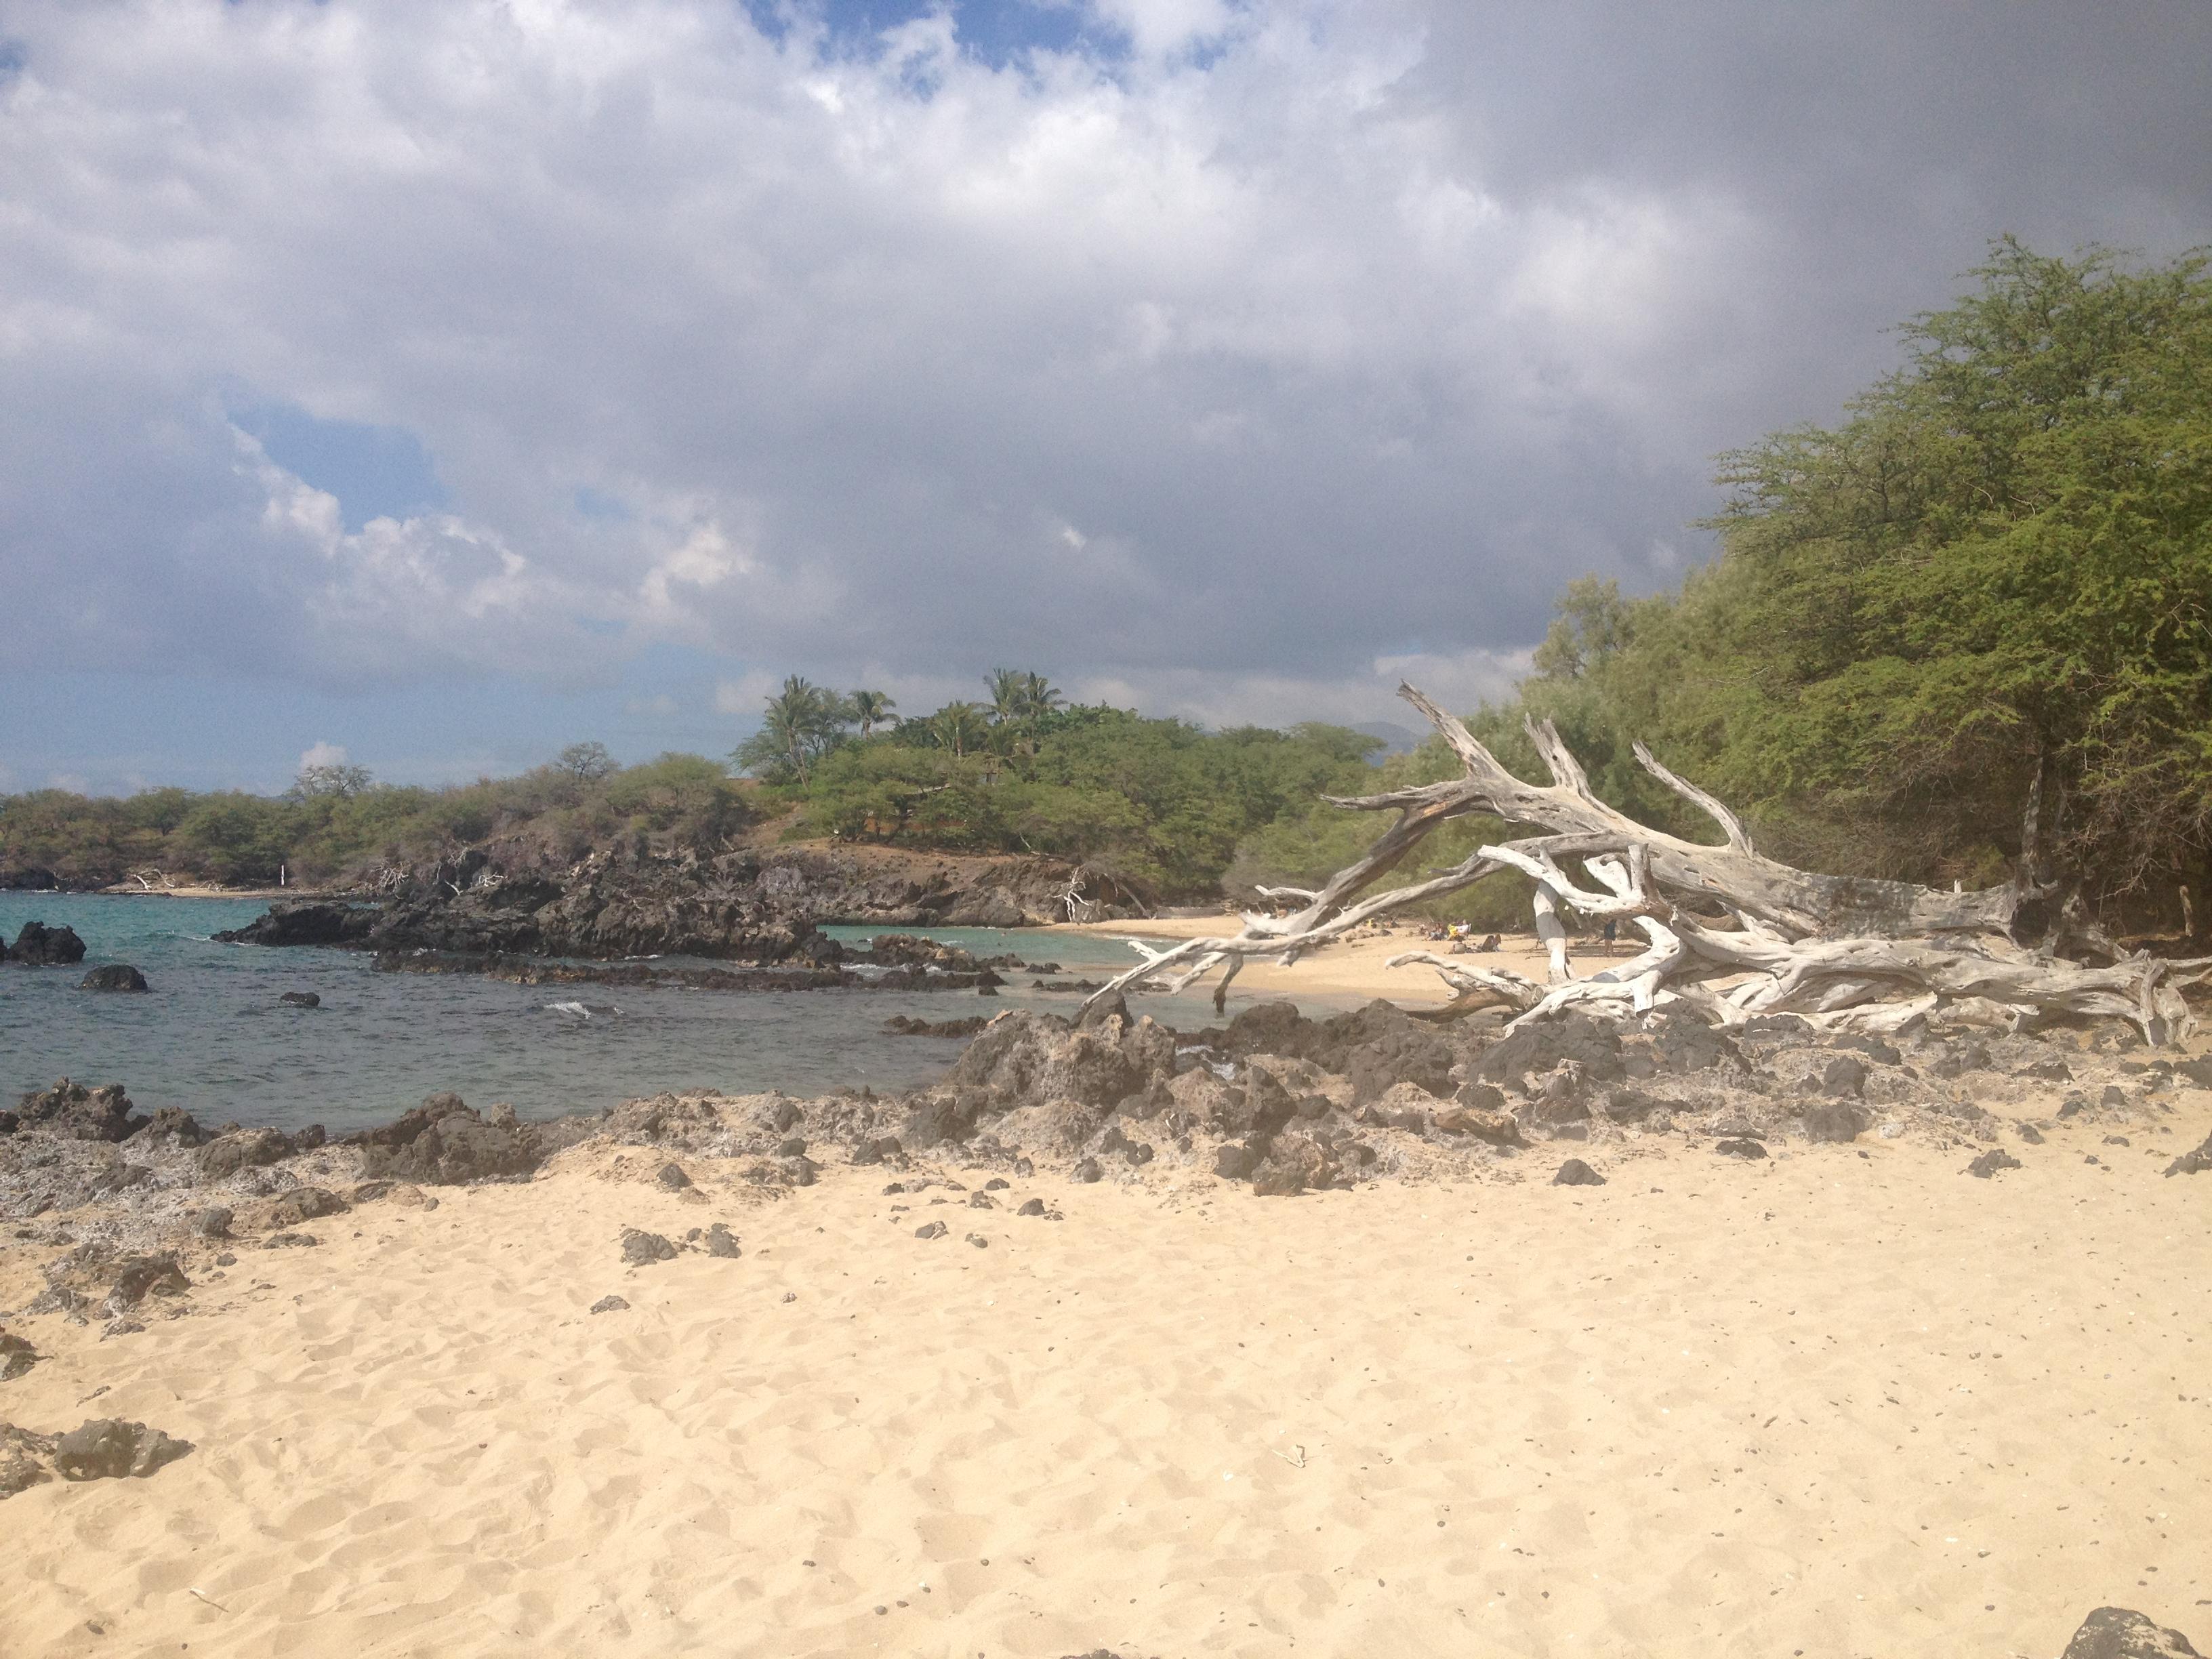 69 Beach Off The Kona Coast On The Big Island Of Hawaii